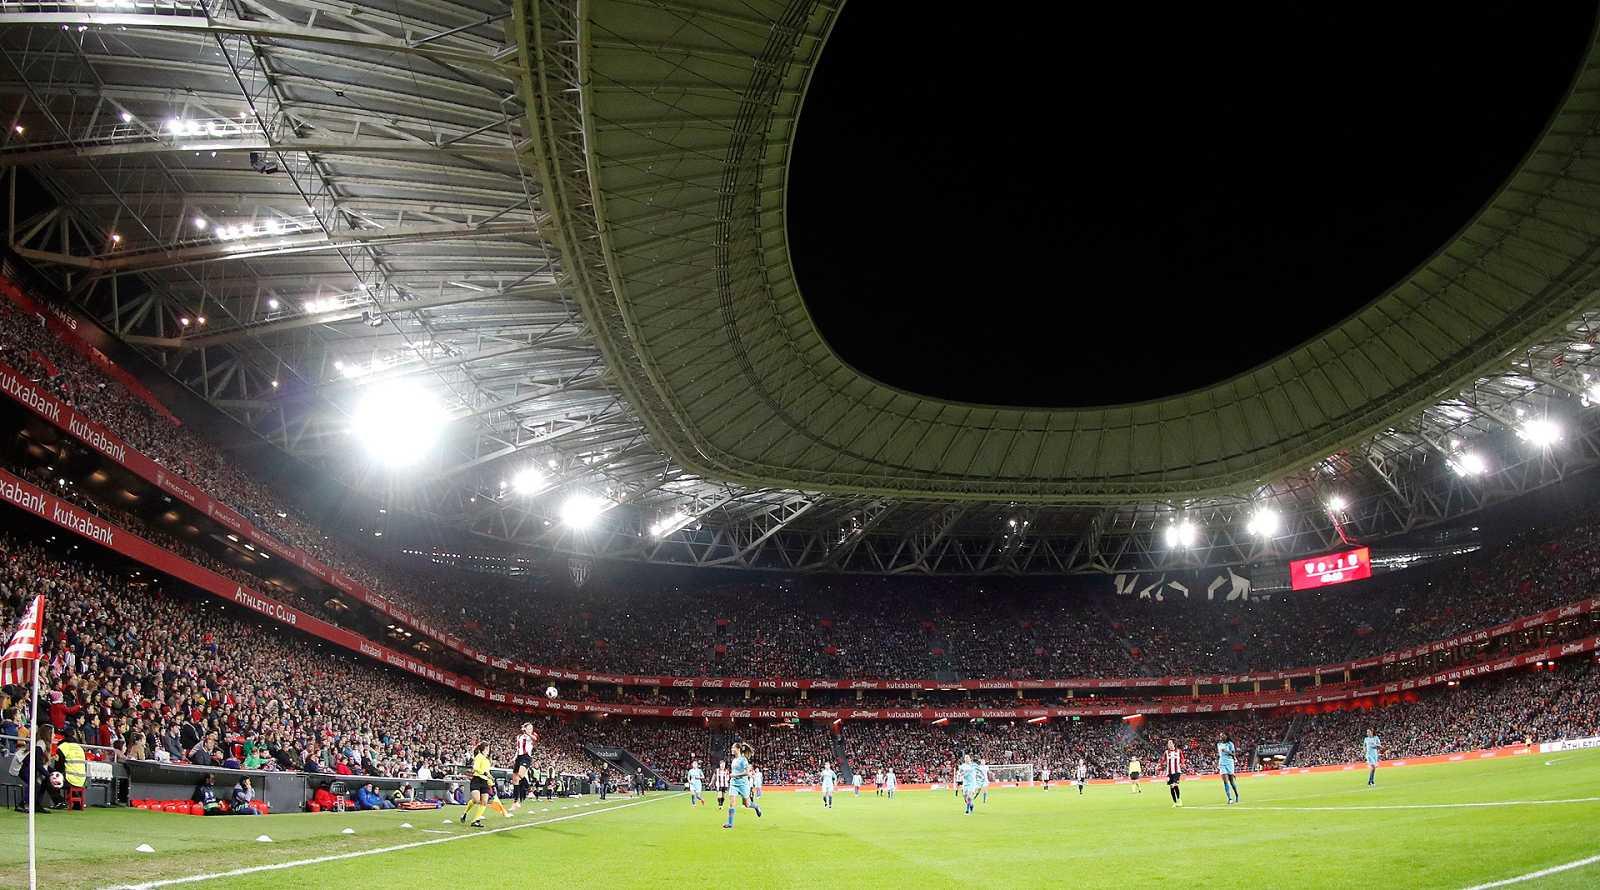 48.121 aficionados se reunieron en San Mamés para ver el partido entre el Athletic y el Atlético de Madrid, correspondiente a la Copa de la Reina, logrando el récord de asistencia en un partido de fútbol femenino en nuestro país.